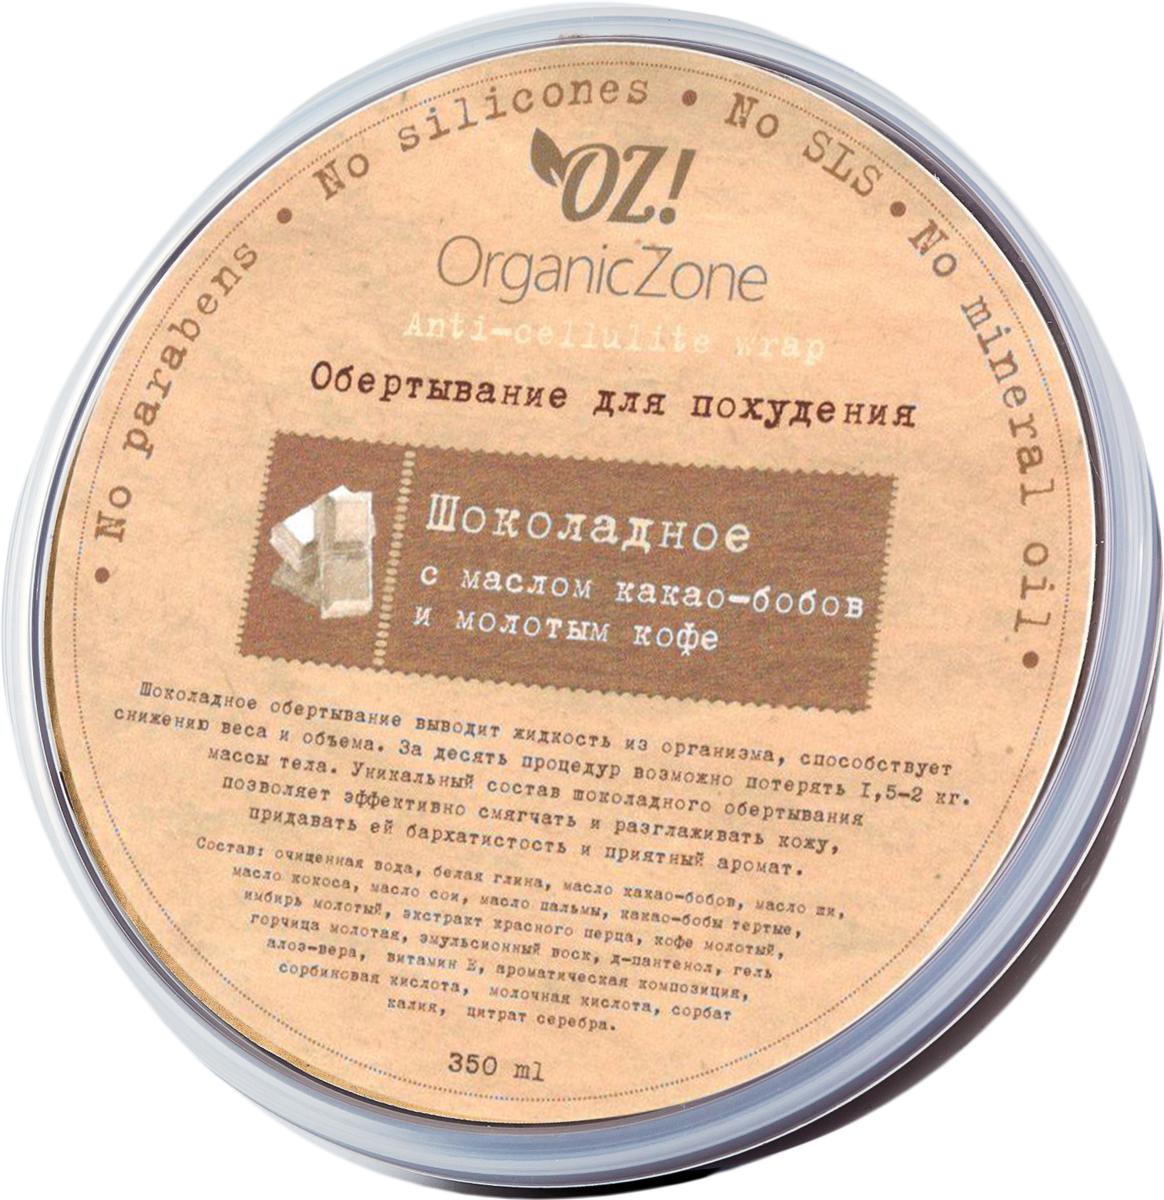 OrganicZone Обертывание для похудения Шоколадное, 350 мл4626018134009Шоколадное обертывание выводит жидкость из организма, способствует снижению веса и объема. За десять процедур возможно потерять 1,5 -2 кг. массы тела. Уникальный косметический эффект шоколадного обертывания также связан с тем, что в его составе присутствует масло какао-бобов, которое обладает удивительной способностью смягчать и разглаживать кожу, придавать ей бархатистость и приятный аромат.